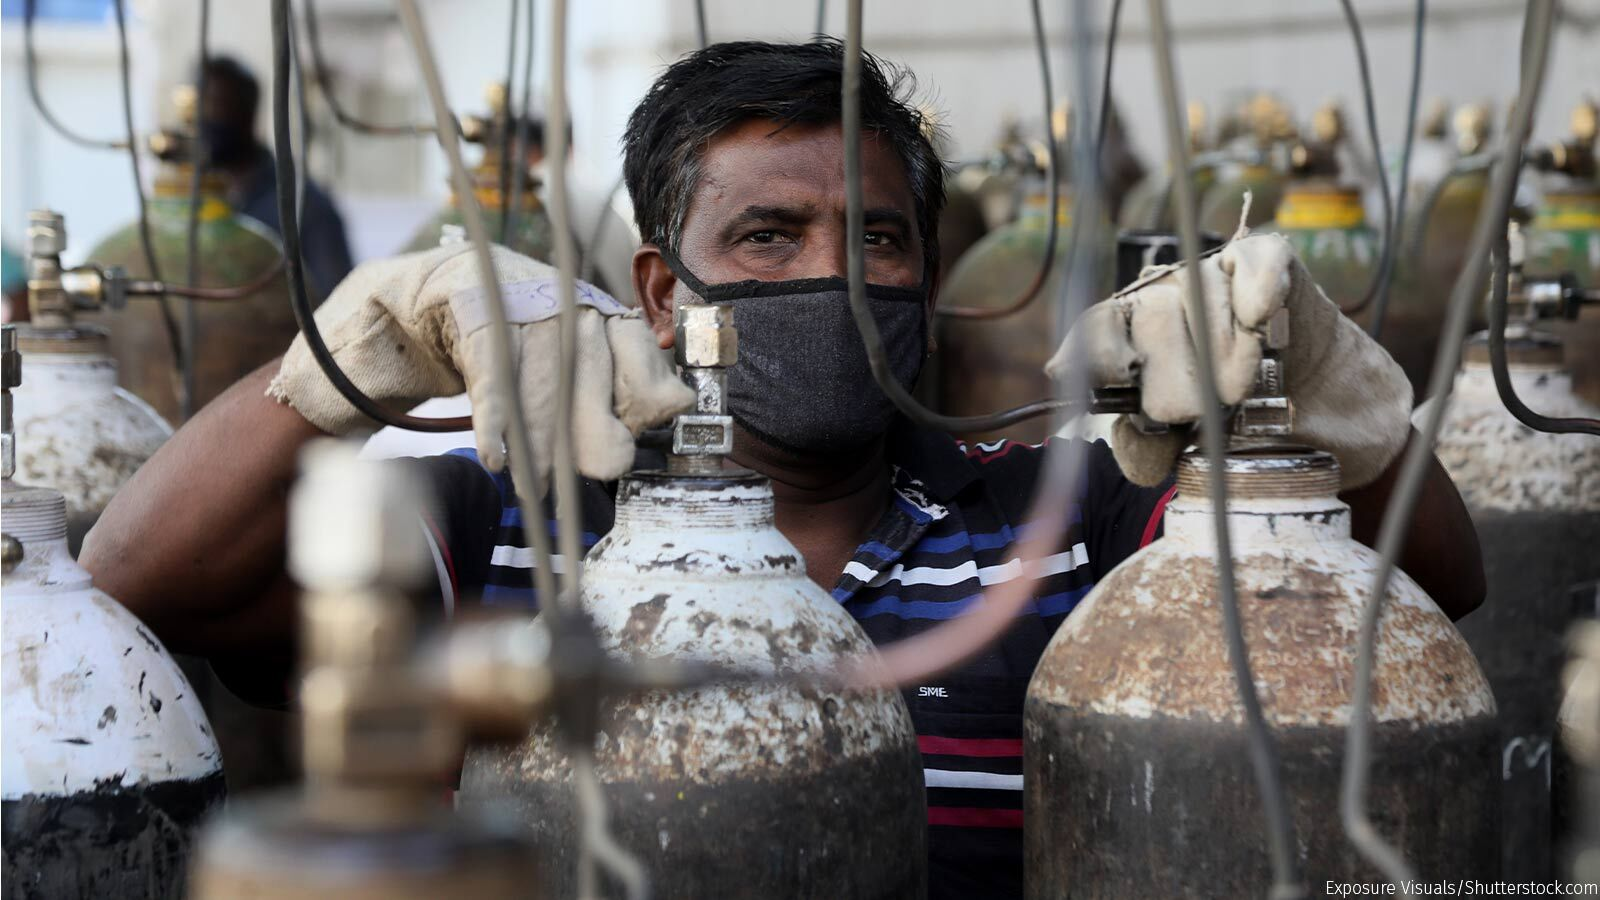 إصابات الهند بكورونا تتجاوز المليون ونصف المليون خلال اسبوع واحد